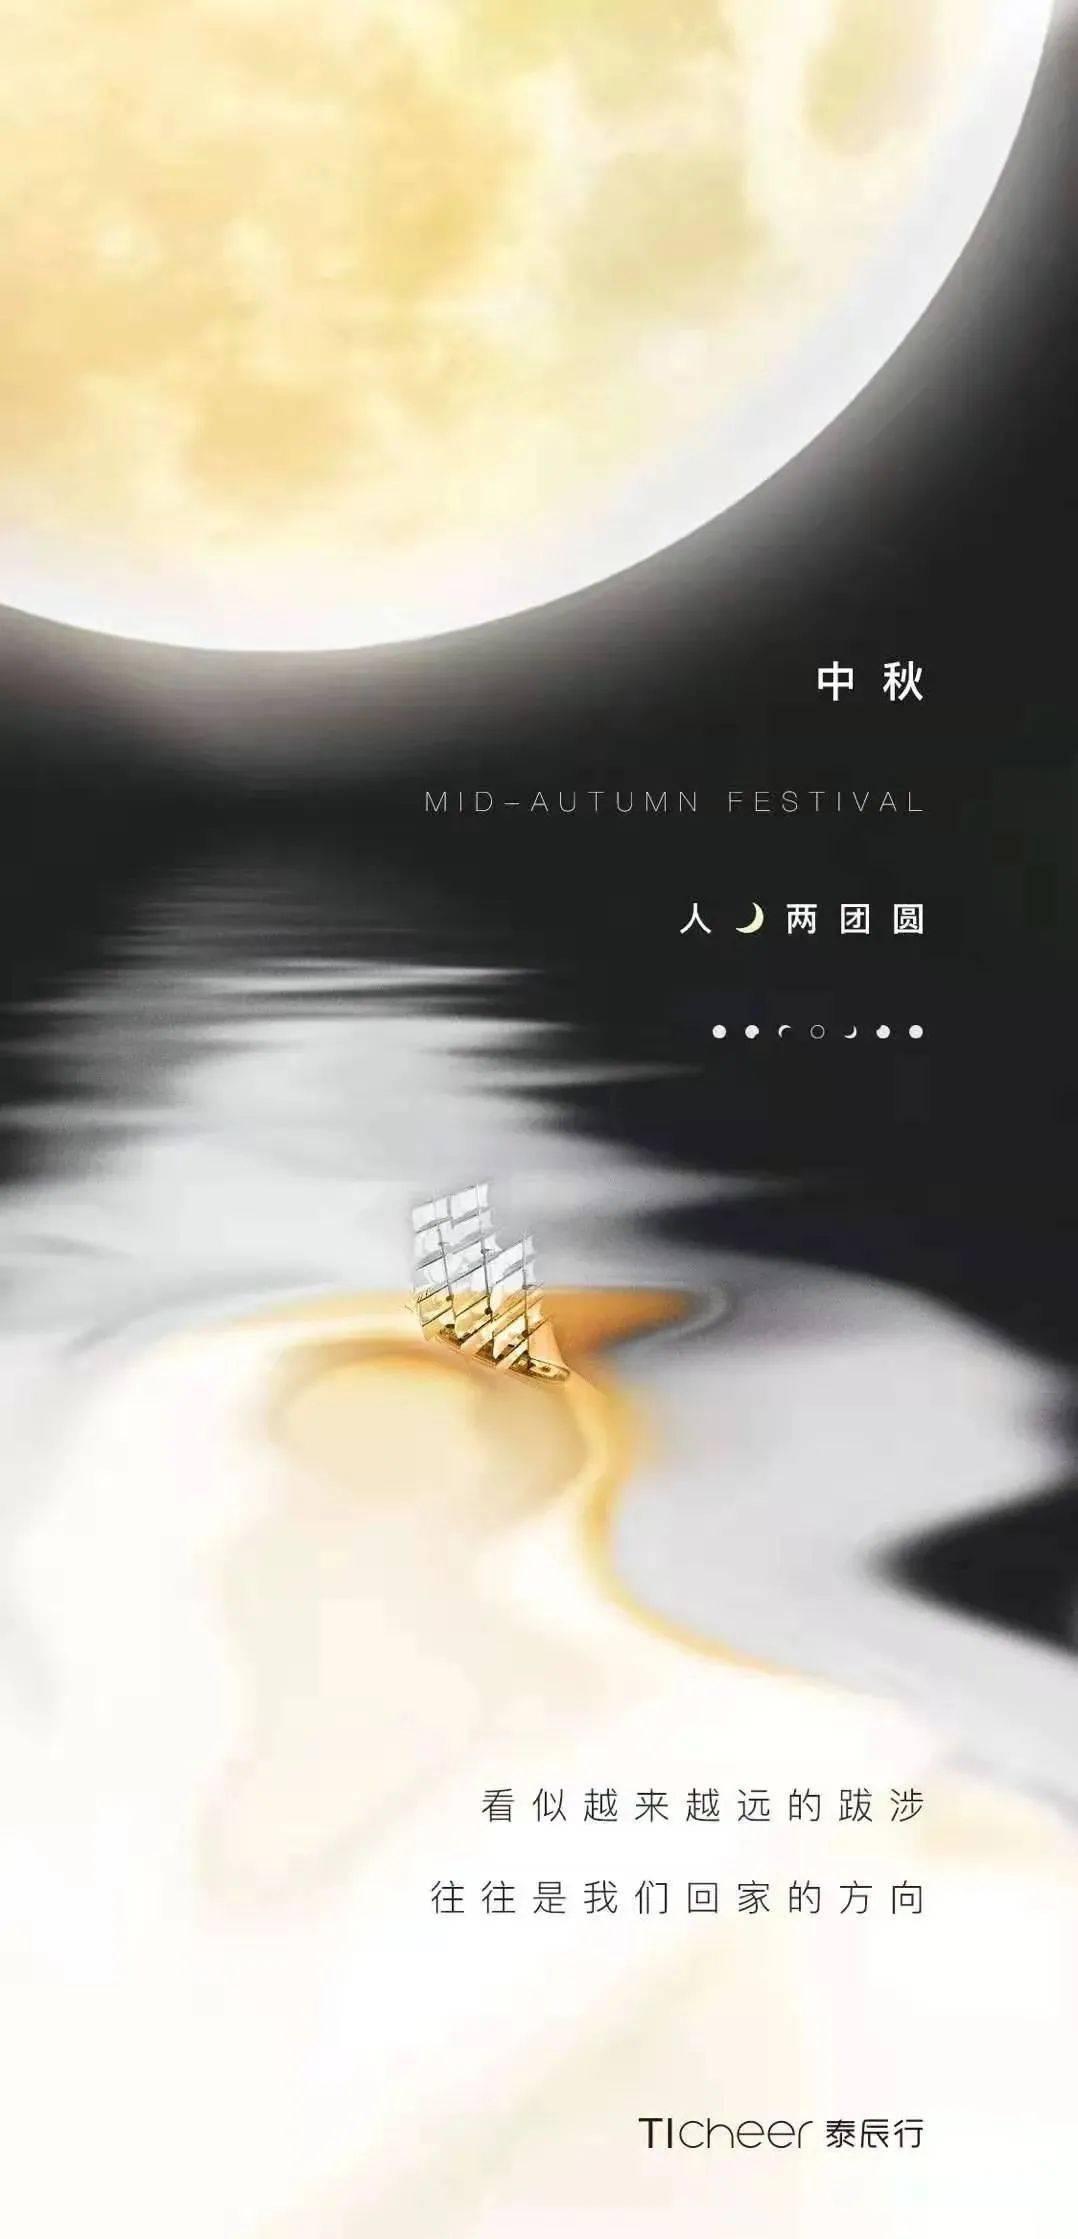 鸟哥笔记,营销推广,最走心文案,中秋节,节日,推广,广告,品牌